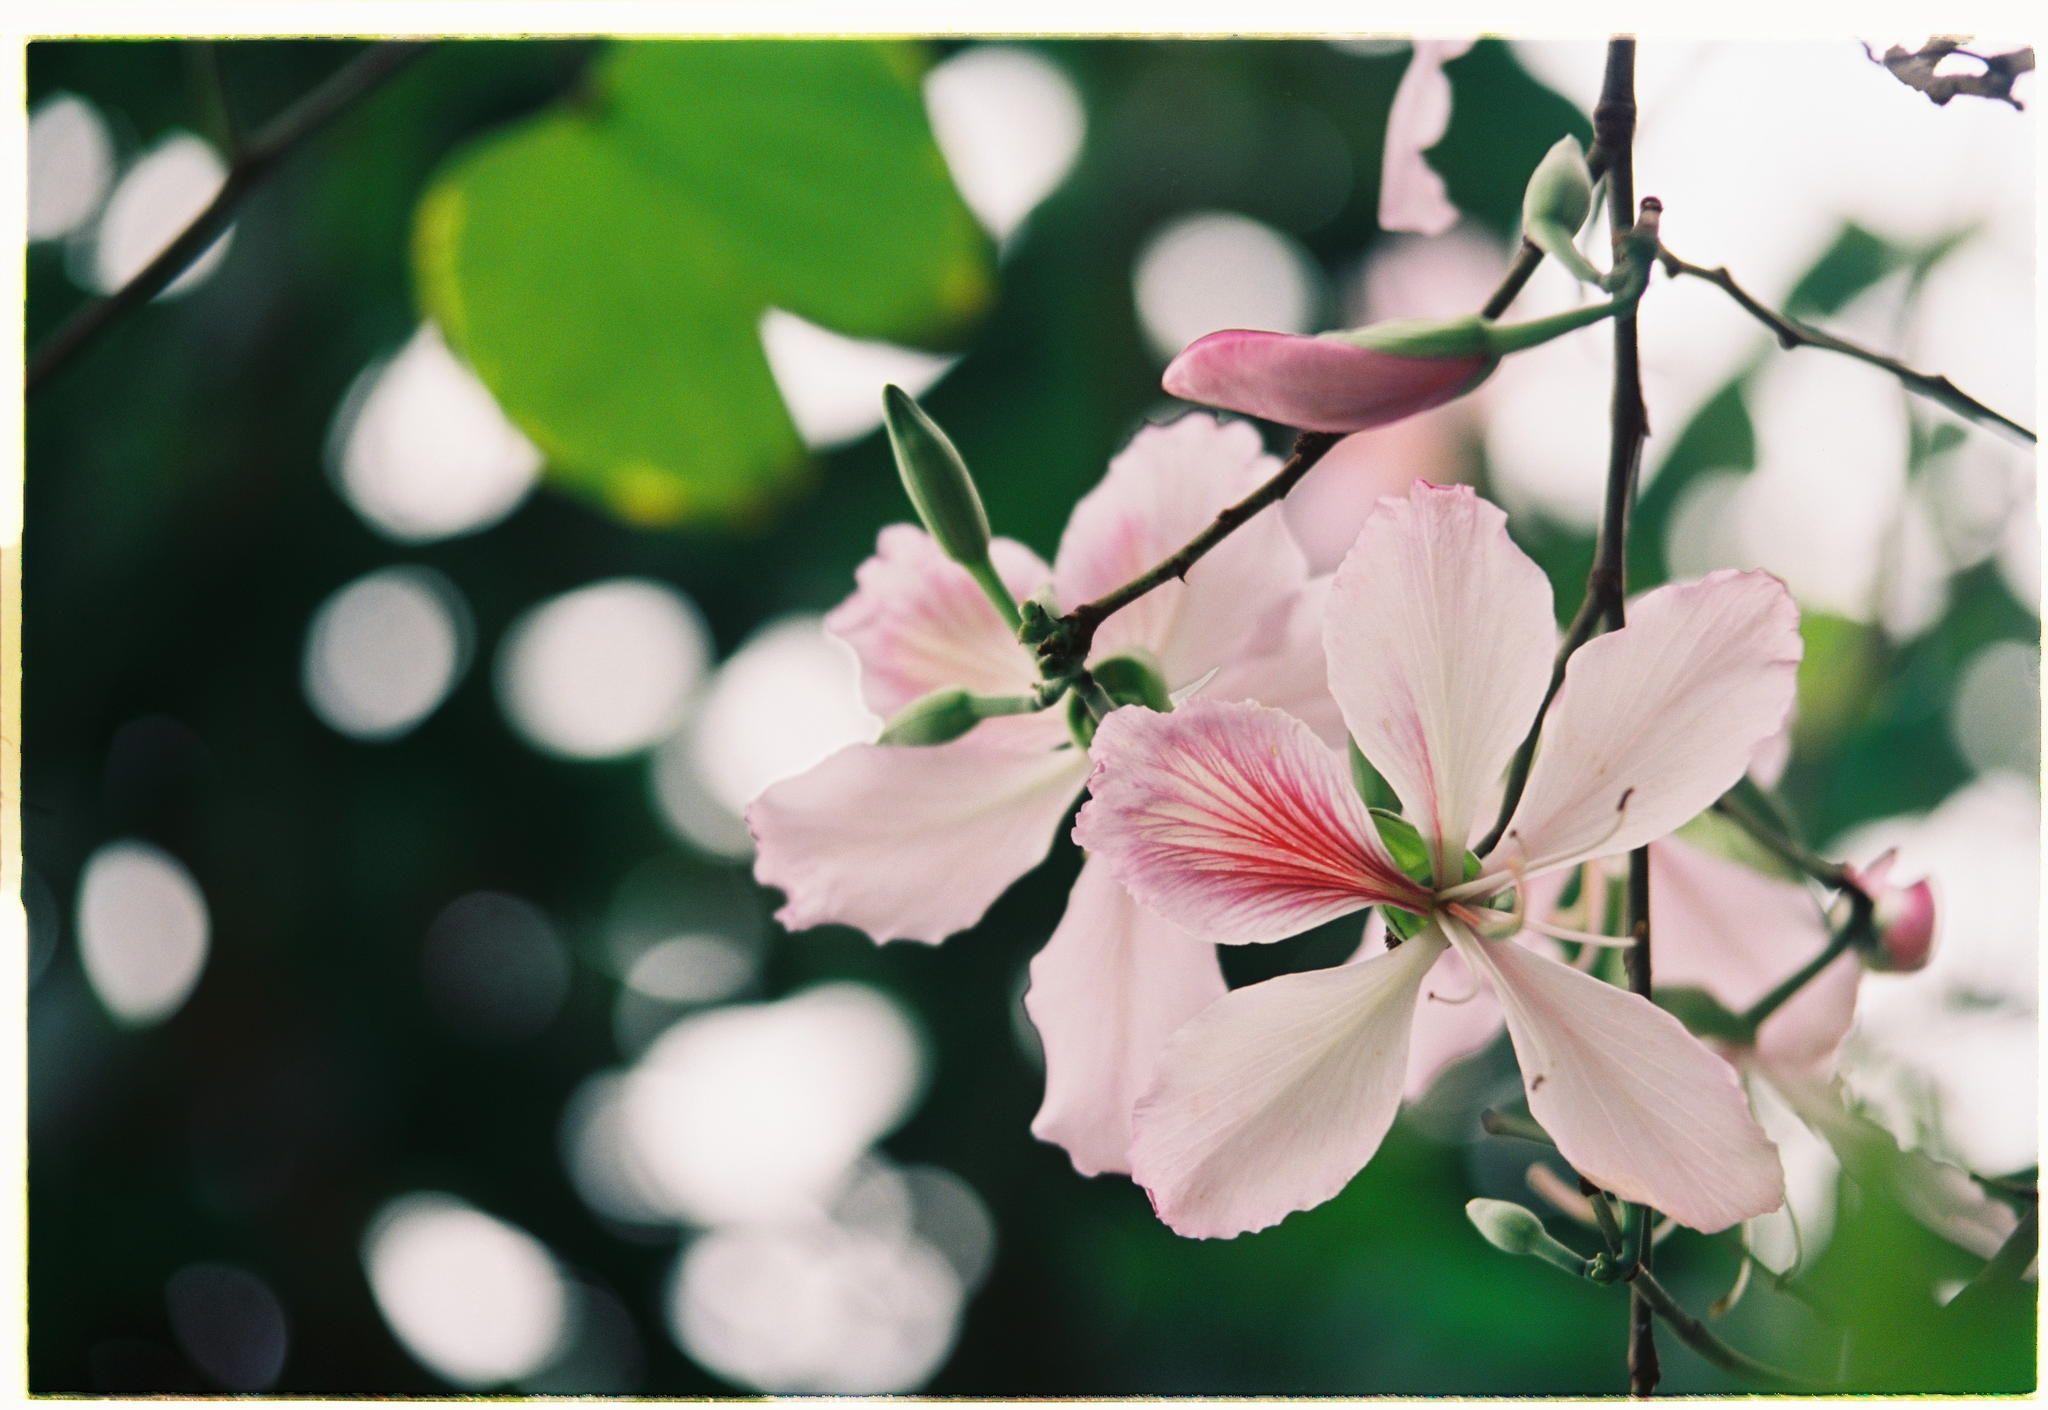 Hoa Ban cánh mỏng có màu trắng xen lẫn chút tím nhẹ